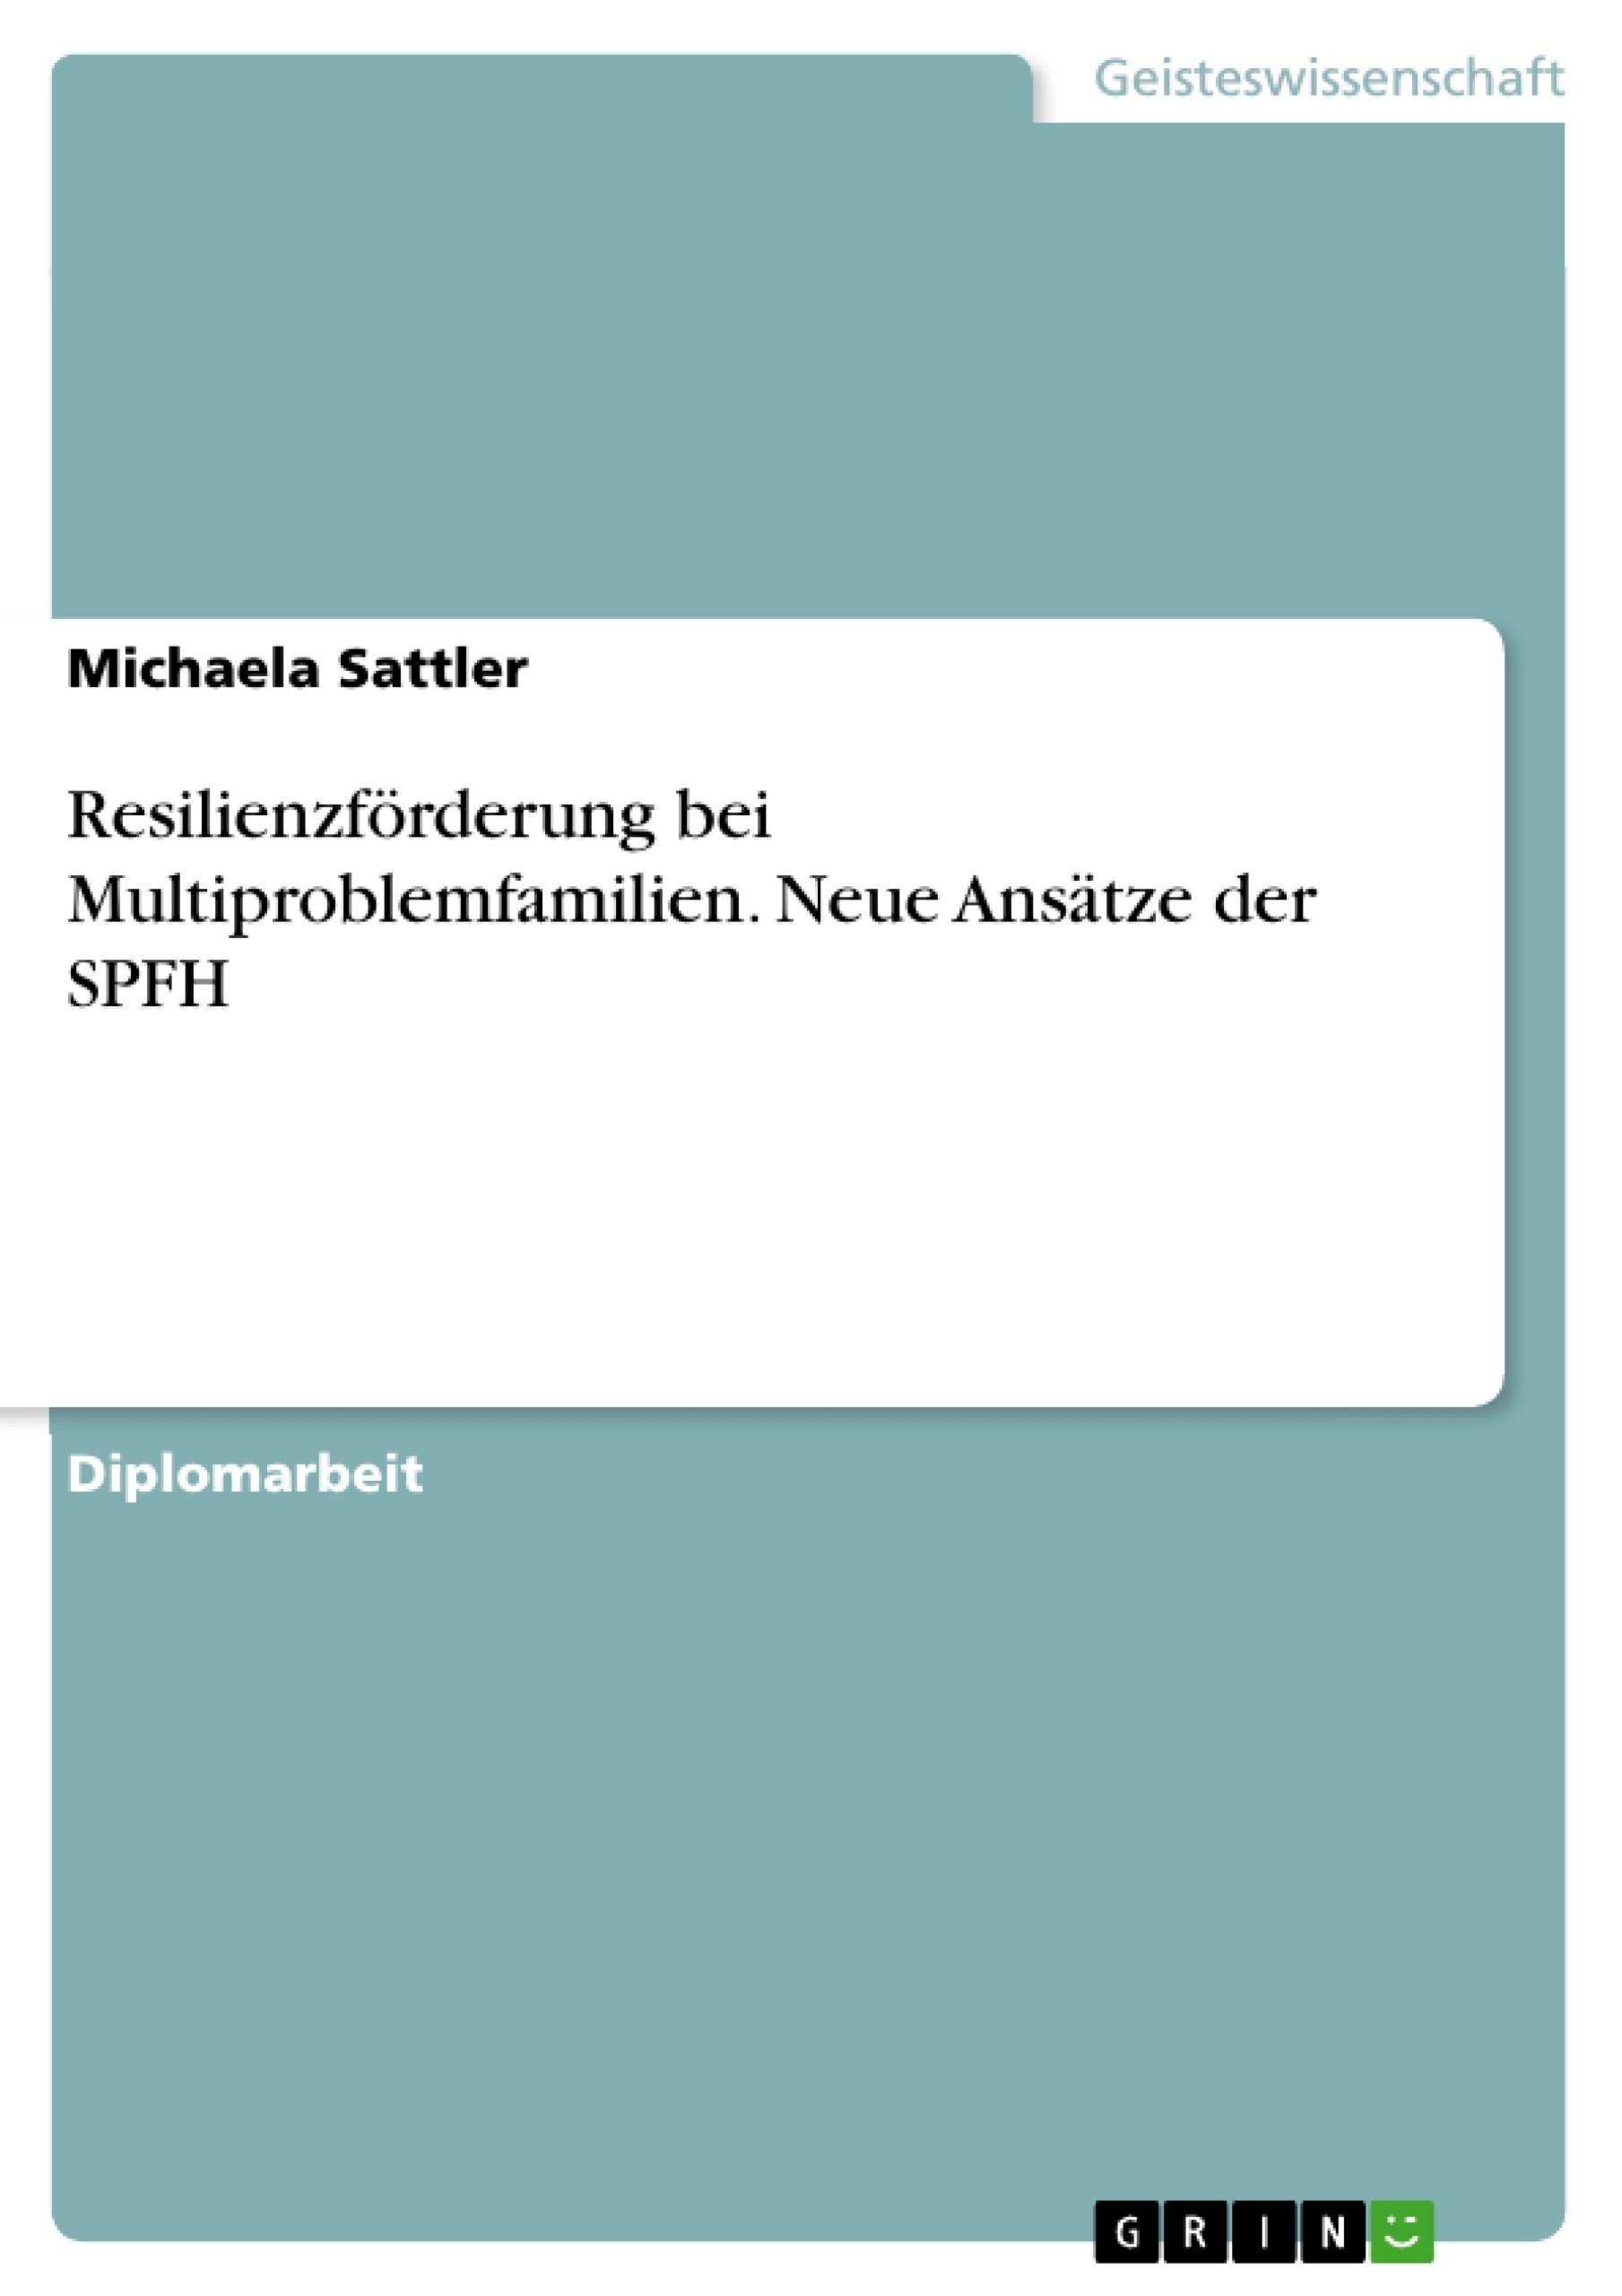 Titel: Resilienzförderung bei Multiproblemfamilien. Neue Ansätze der SPFH